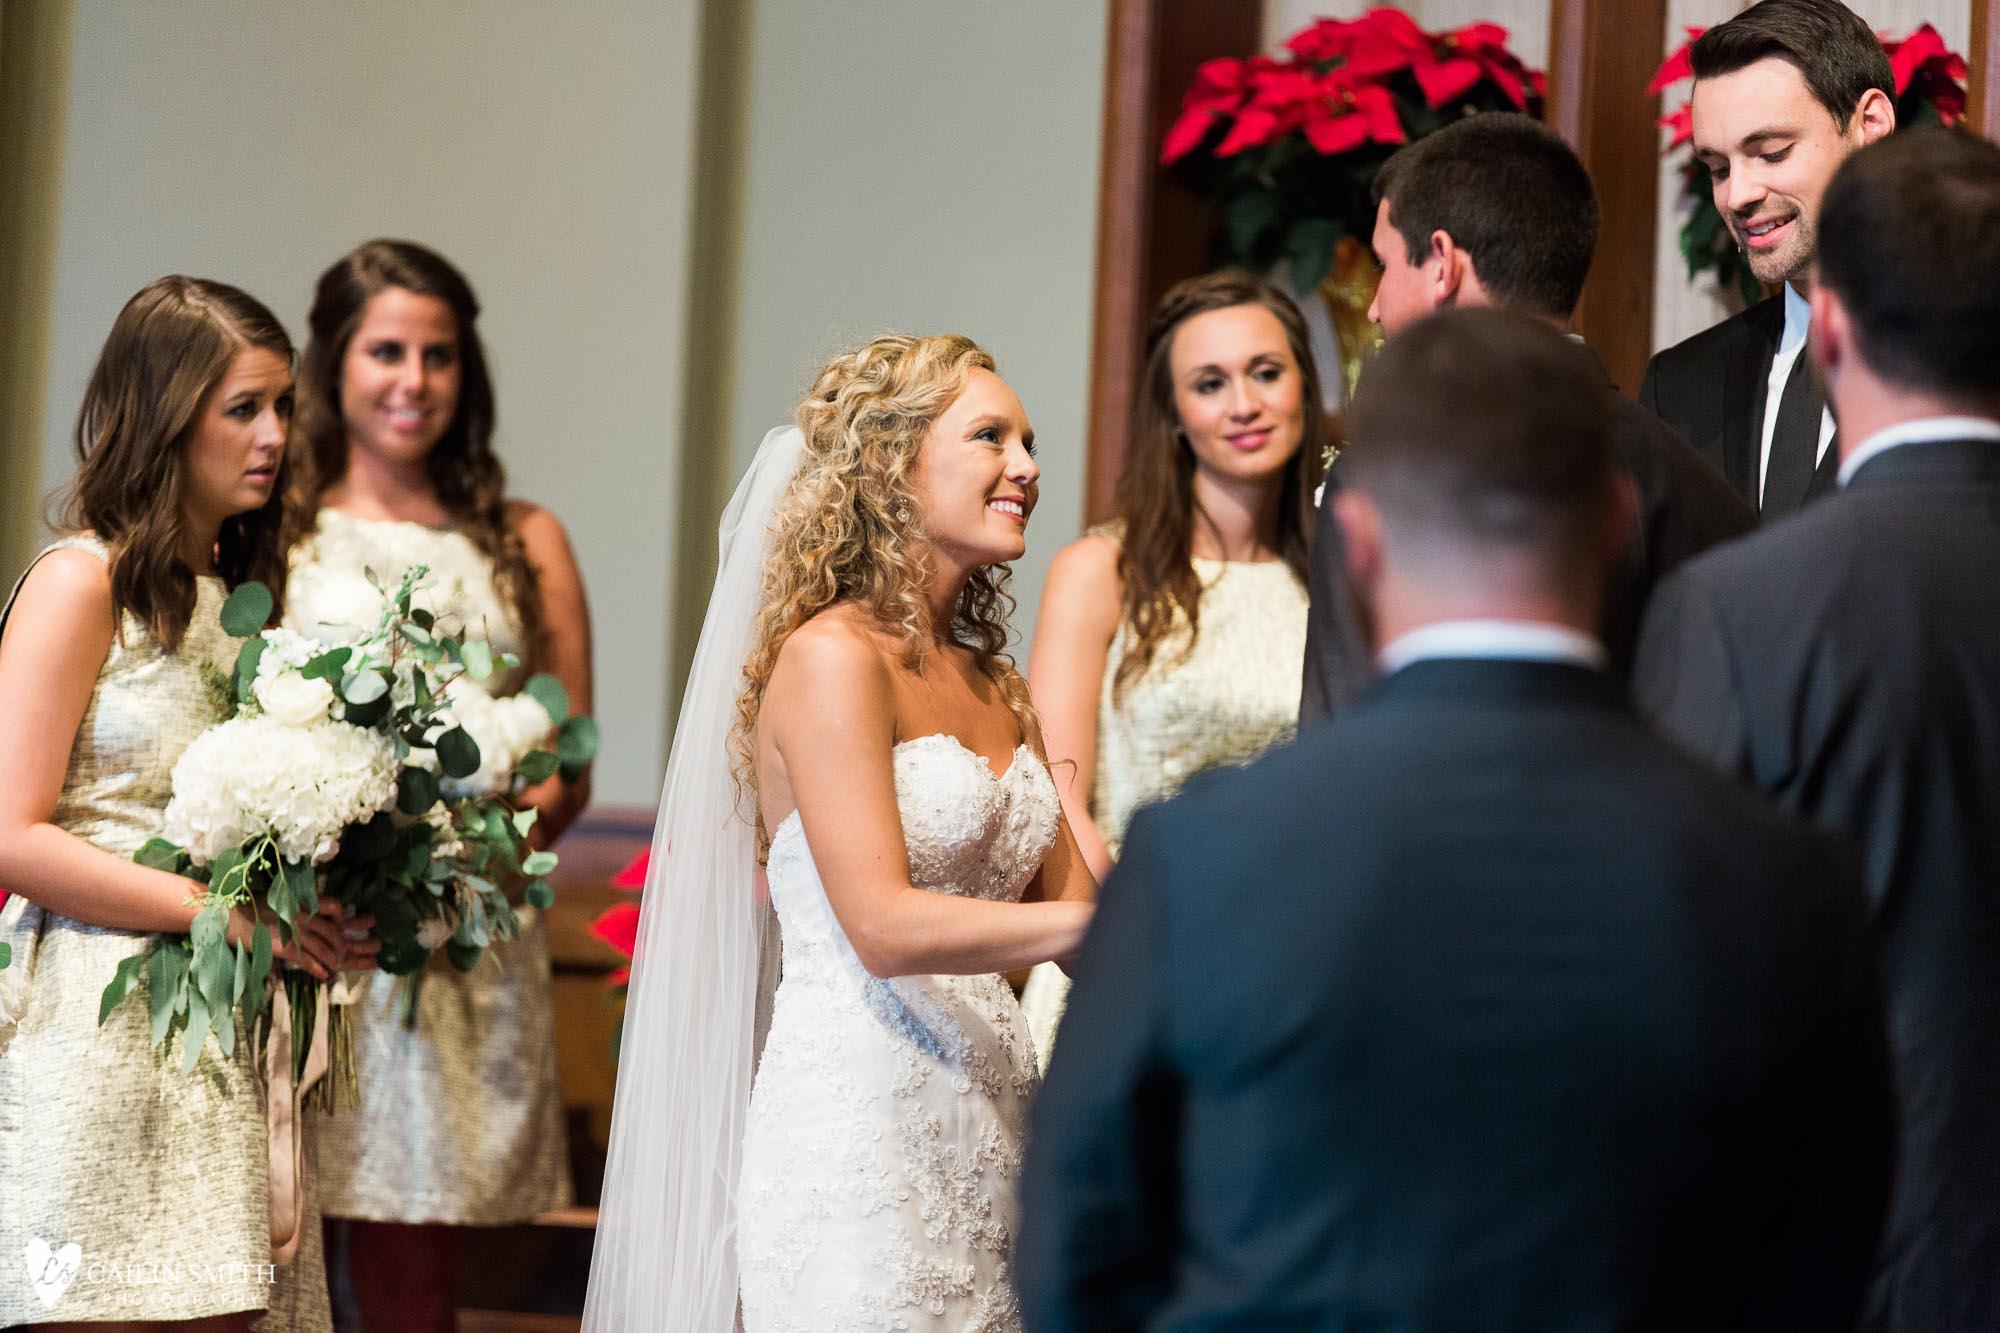 Leah_Major_St_Marys_Wedding_Photography_076.jpg